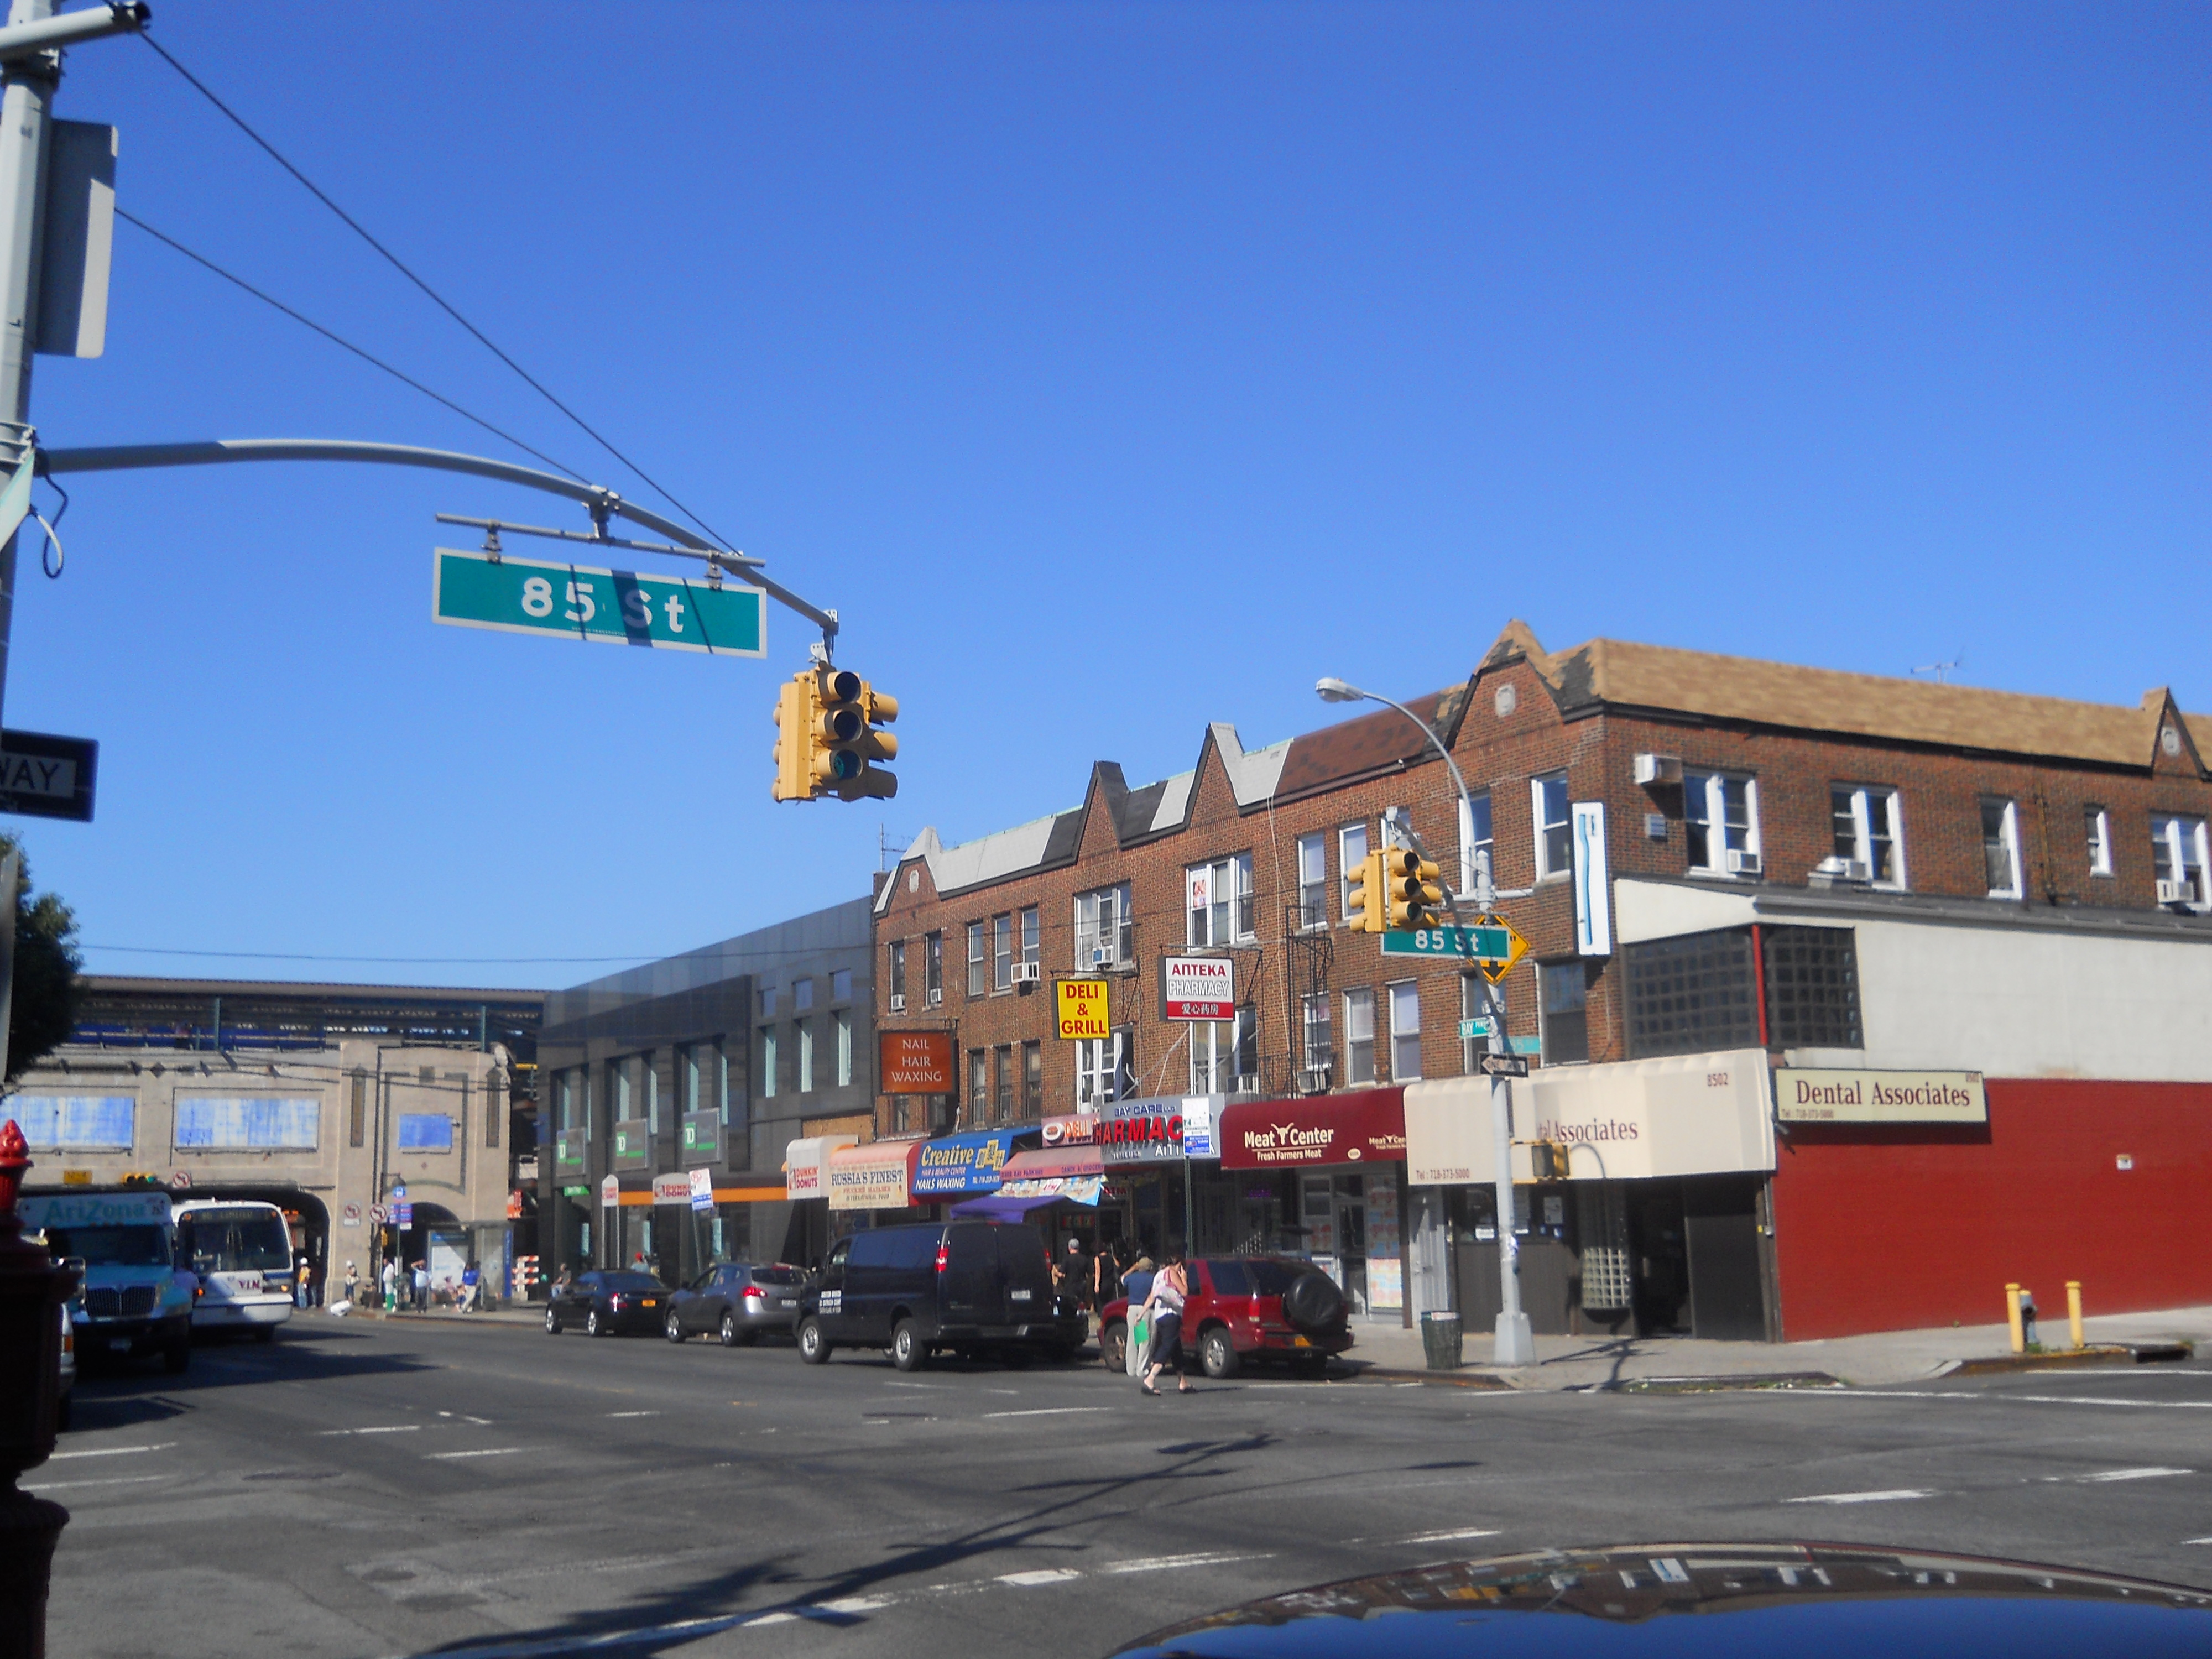 Chinese Restaurant Near State Street Plaza New York Nyc